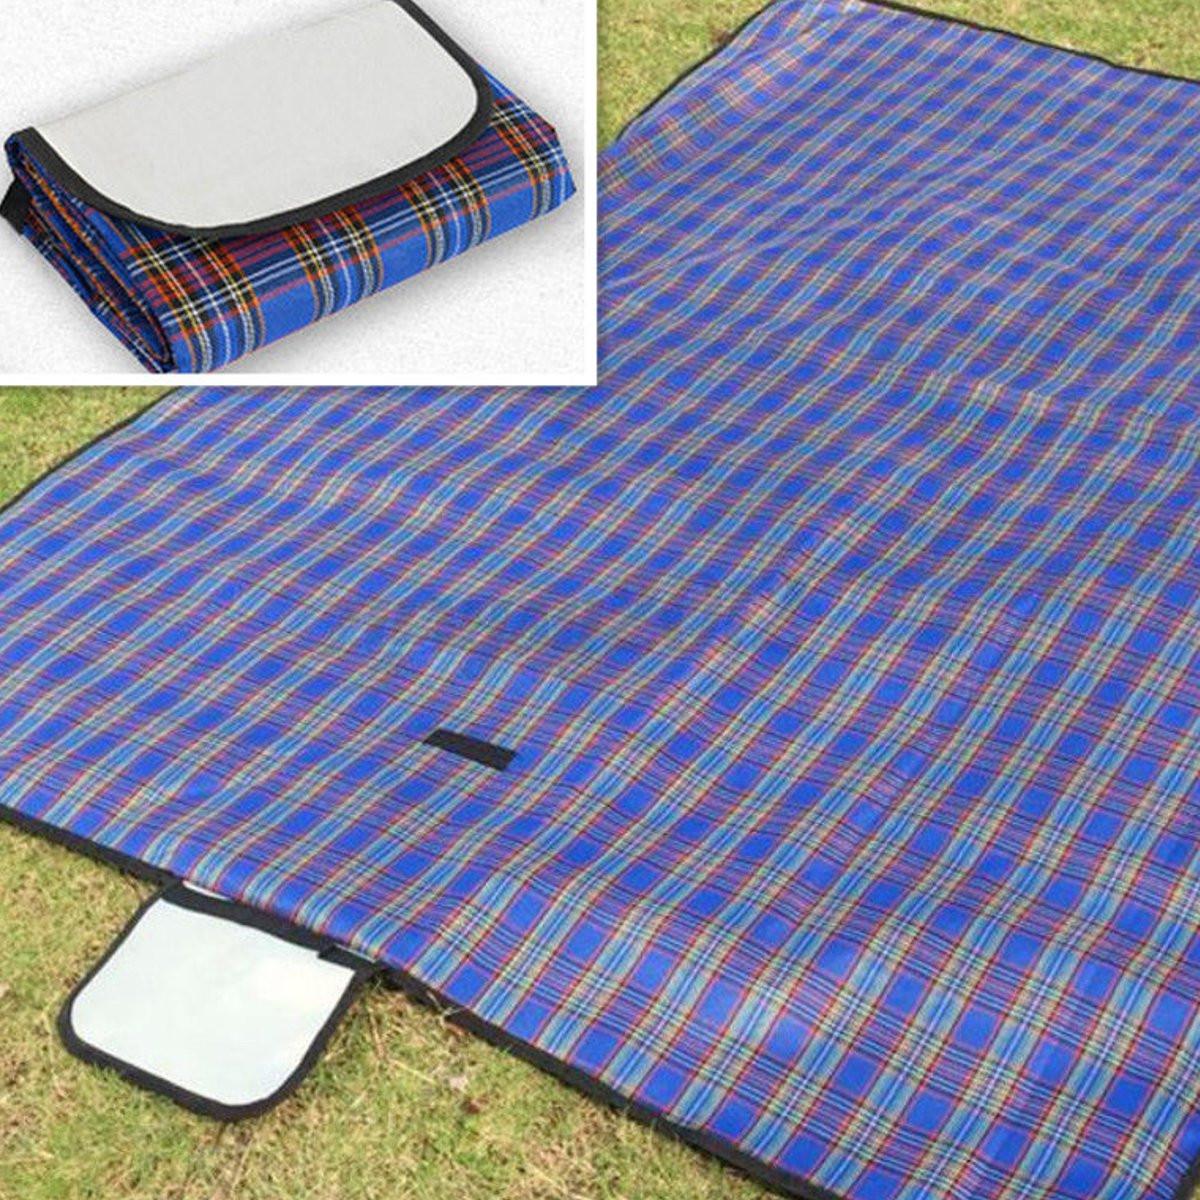 Extra Waterproof Outdoor Picnic Rug Mat Blanket